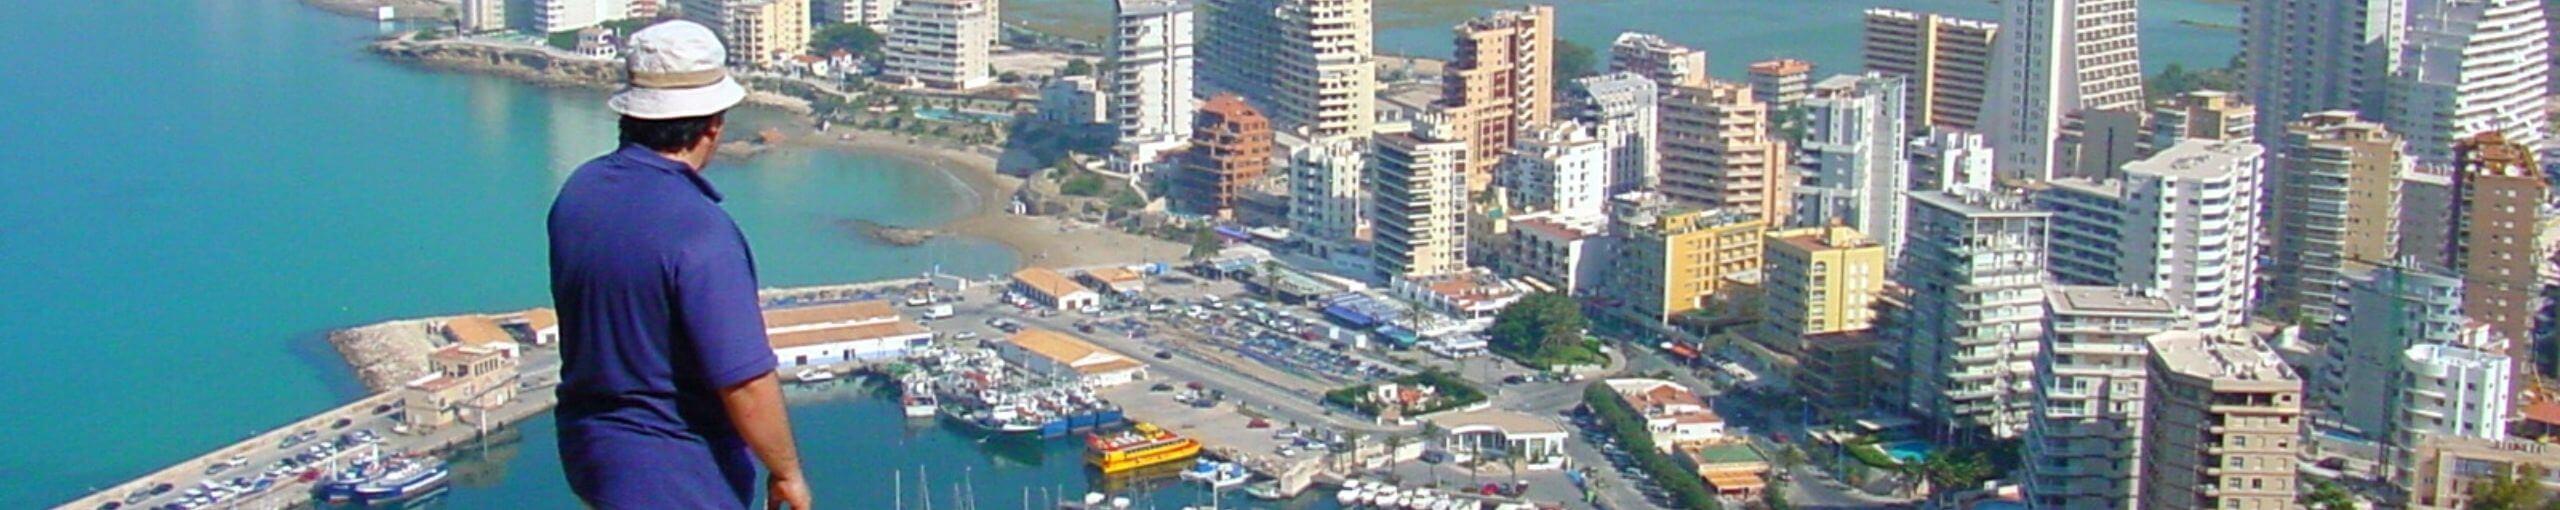 Peñón de Ifach, Calpe. Alicante. Comunidad Valenciana.